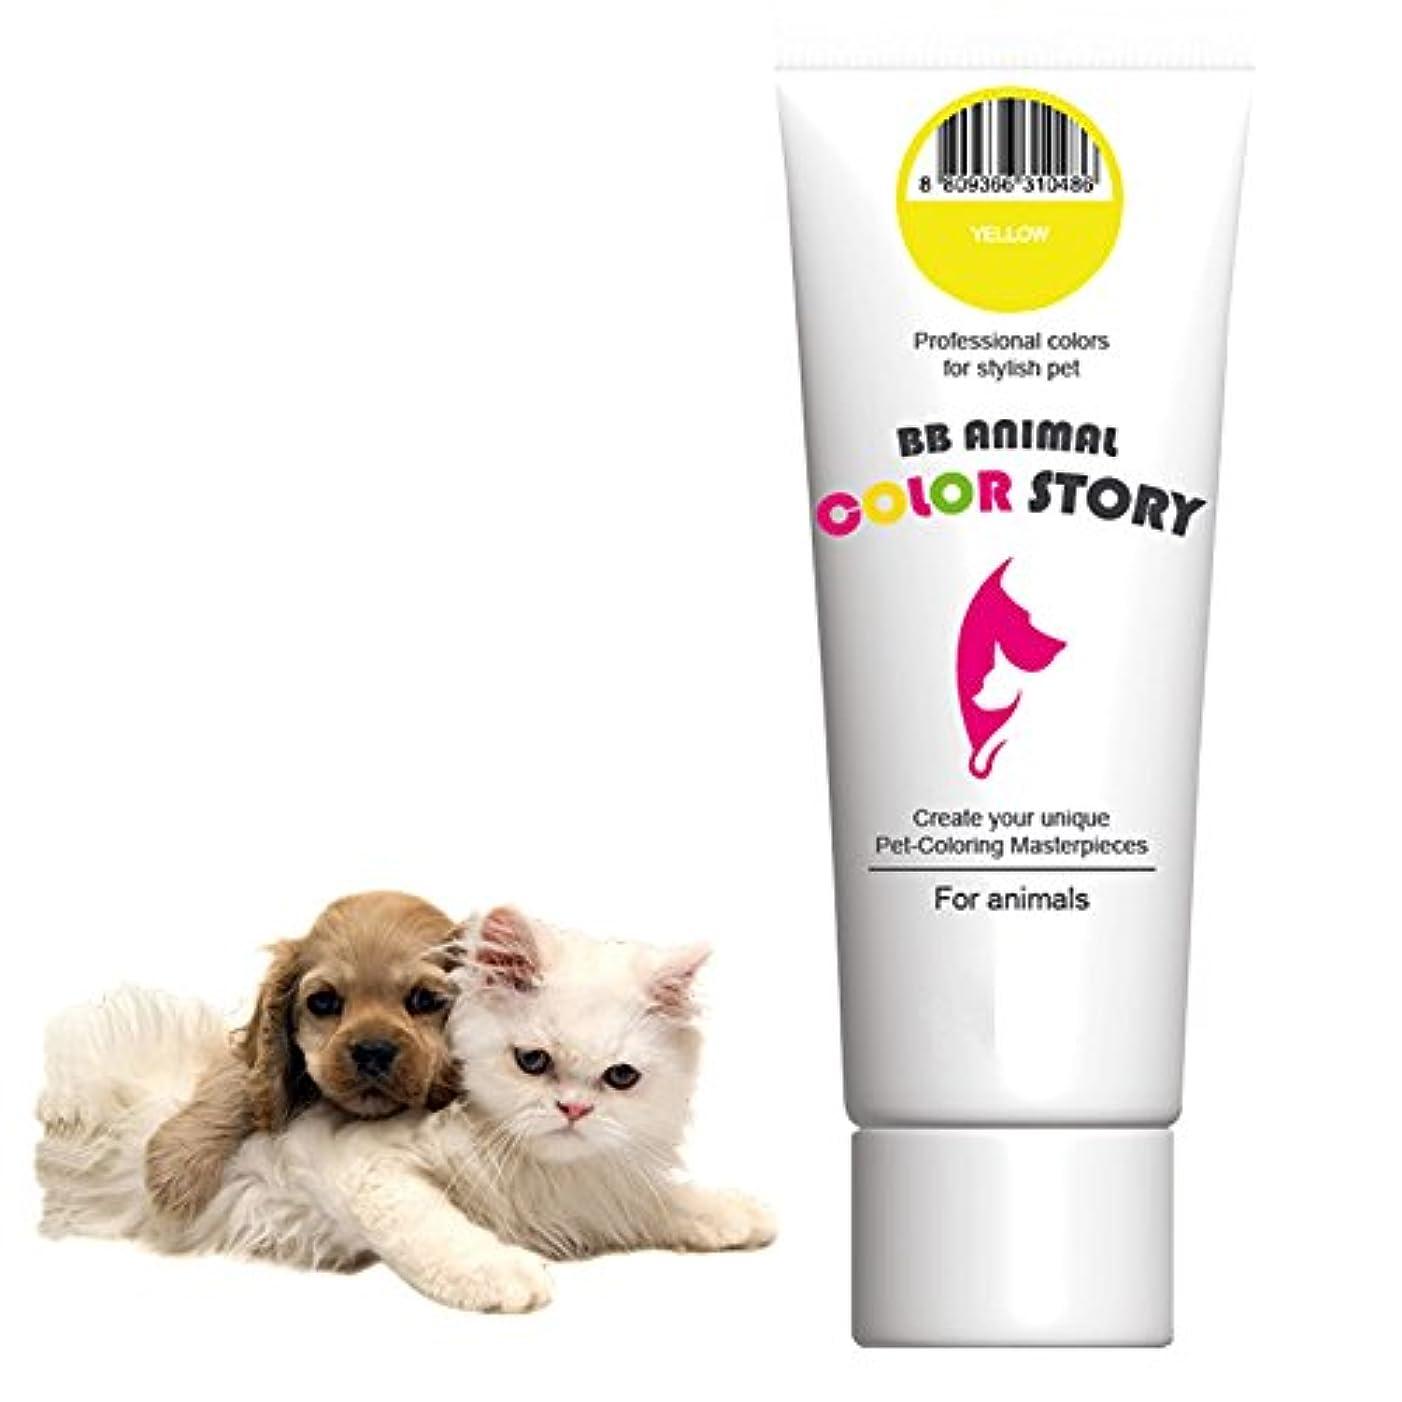 可聴物足りない慈悲深い毛染め, 犬ヘアダイ Yellow カラーリング Dog Hair Hair Bleach Dye Hair Coloring Professional Colors for Stylish Pet 50ml 並行輸入